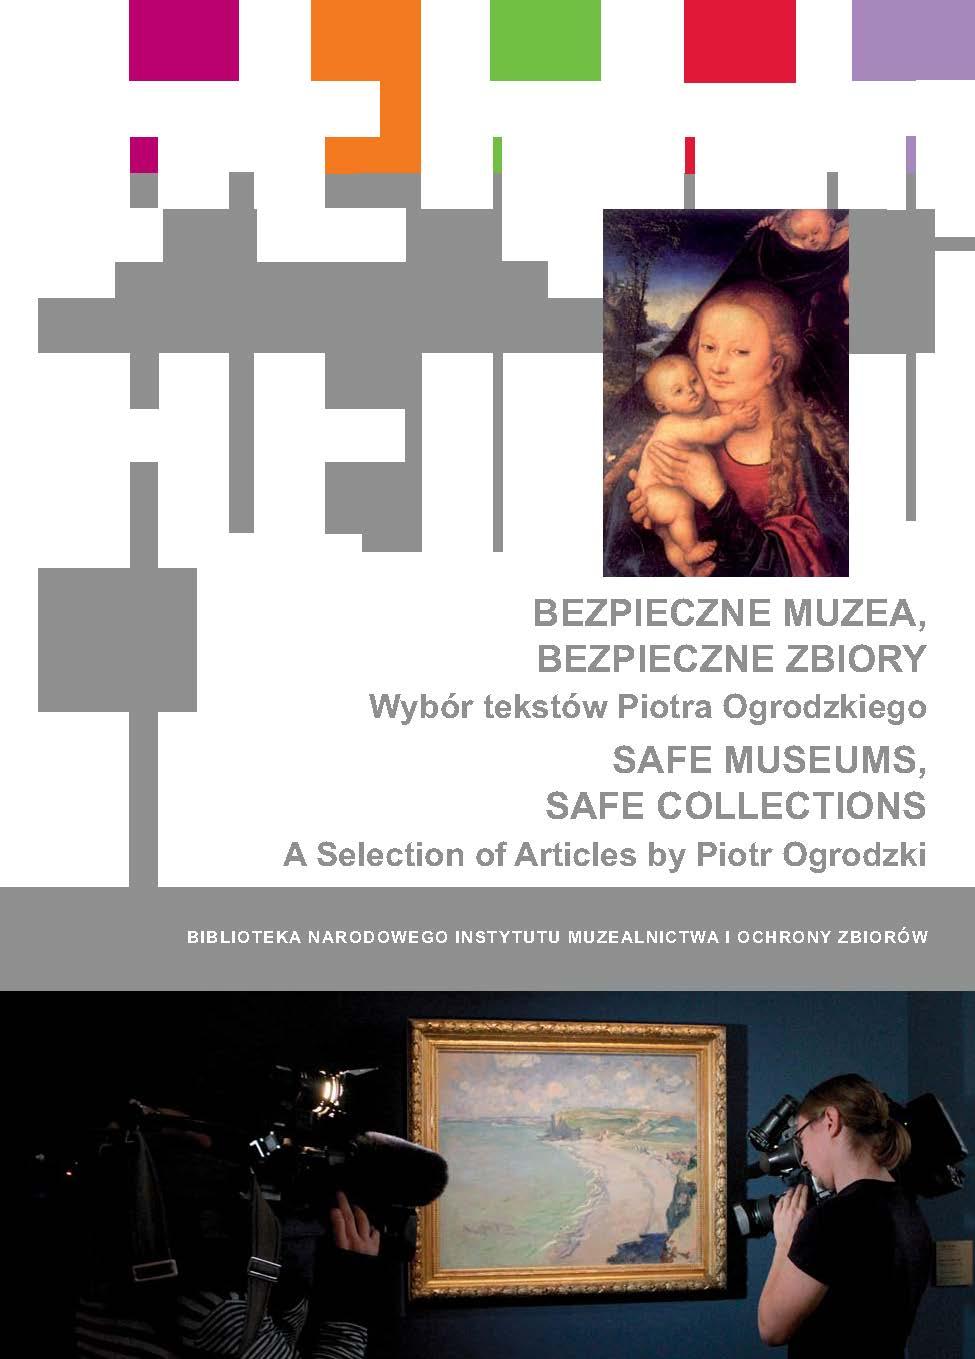 Bezpieczne muzea, bezpieczne zbiory. Wybór tekstów Piotra Ogrodzkiego